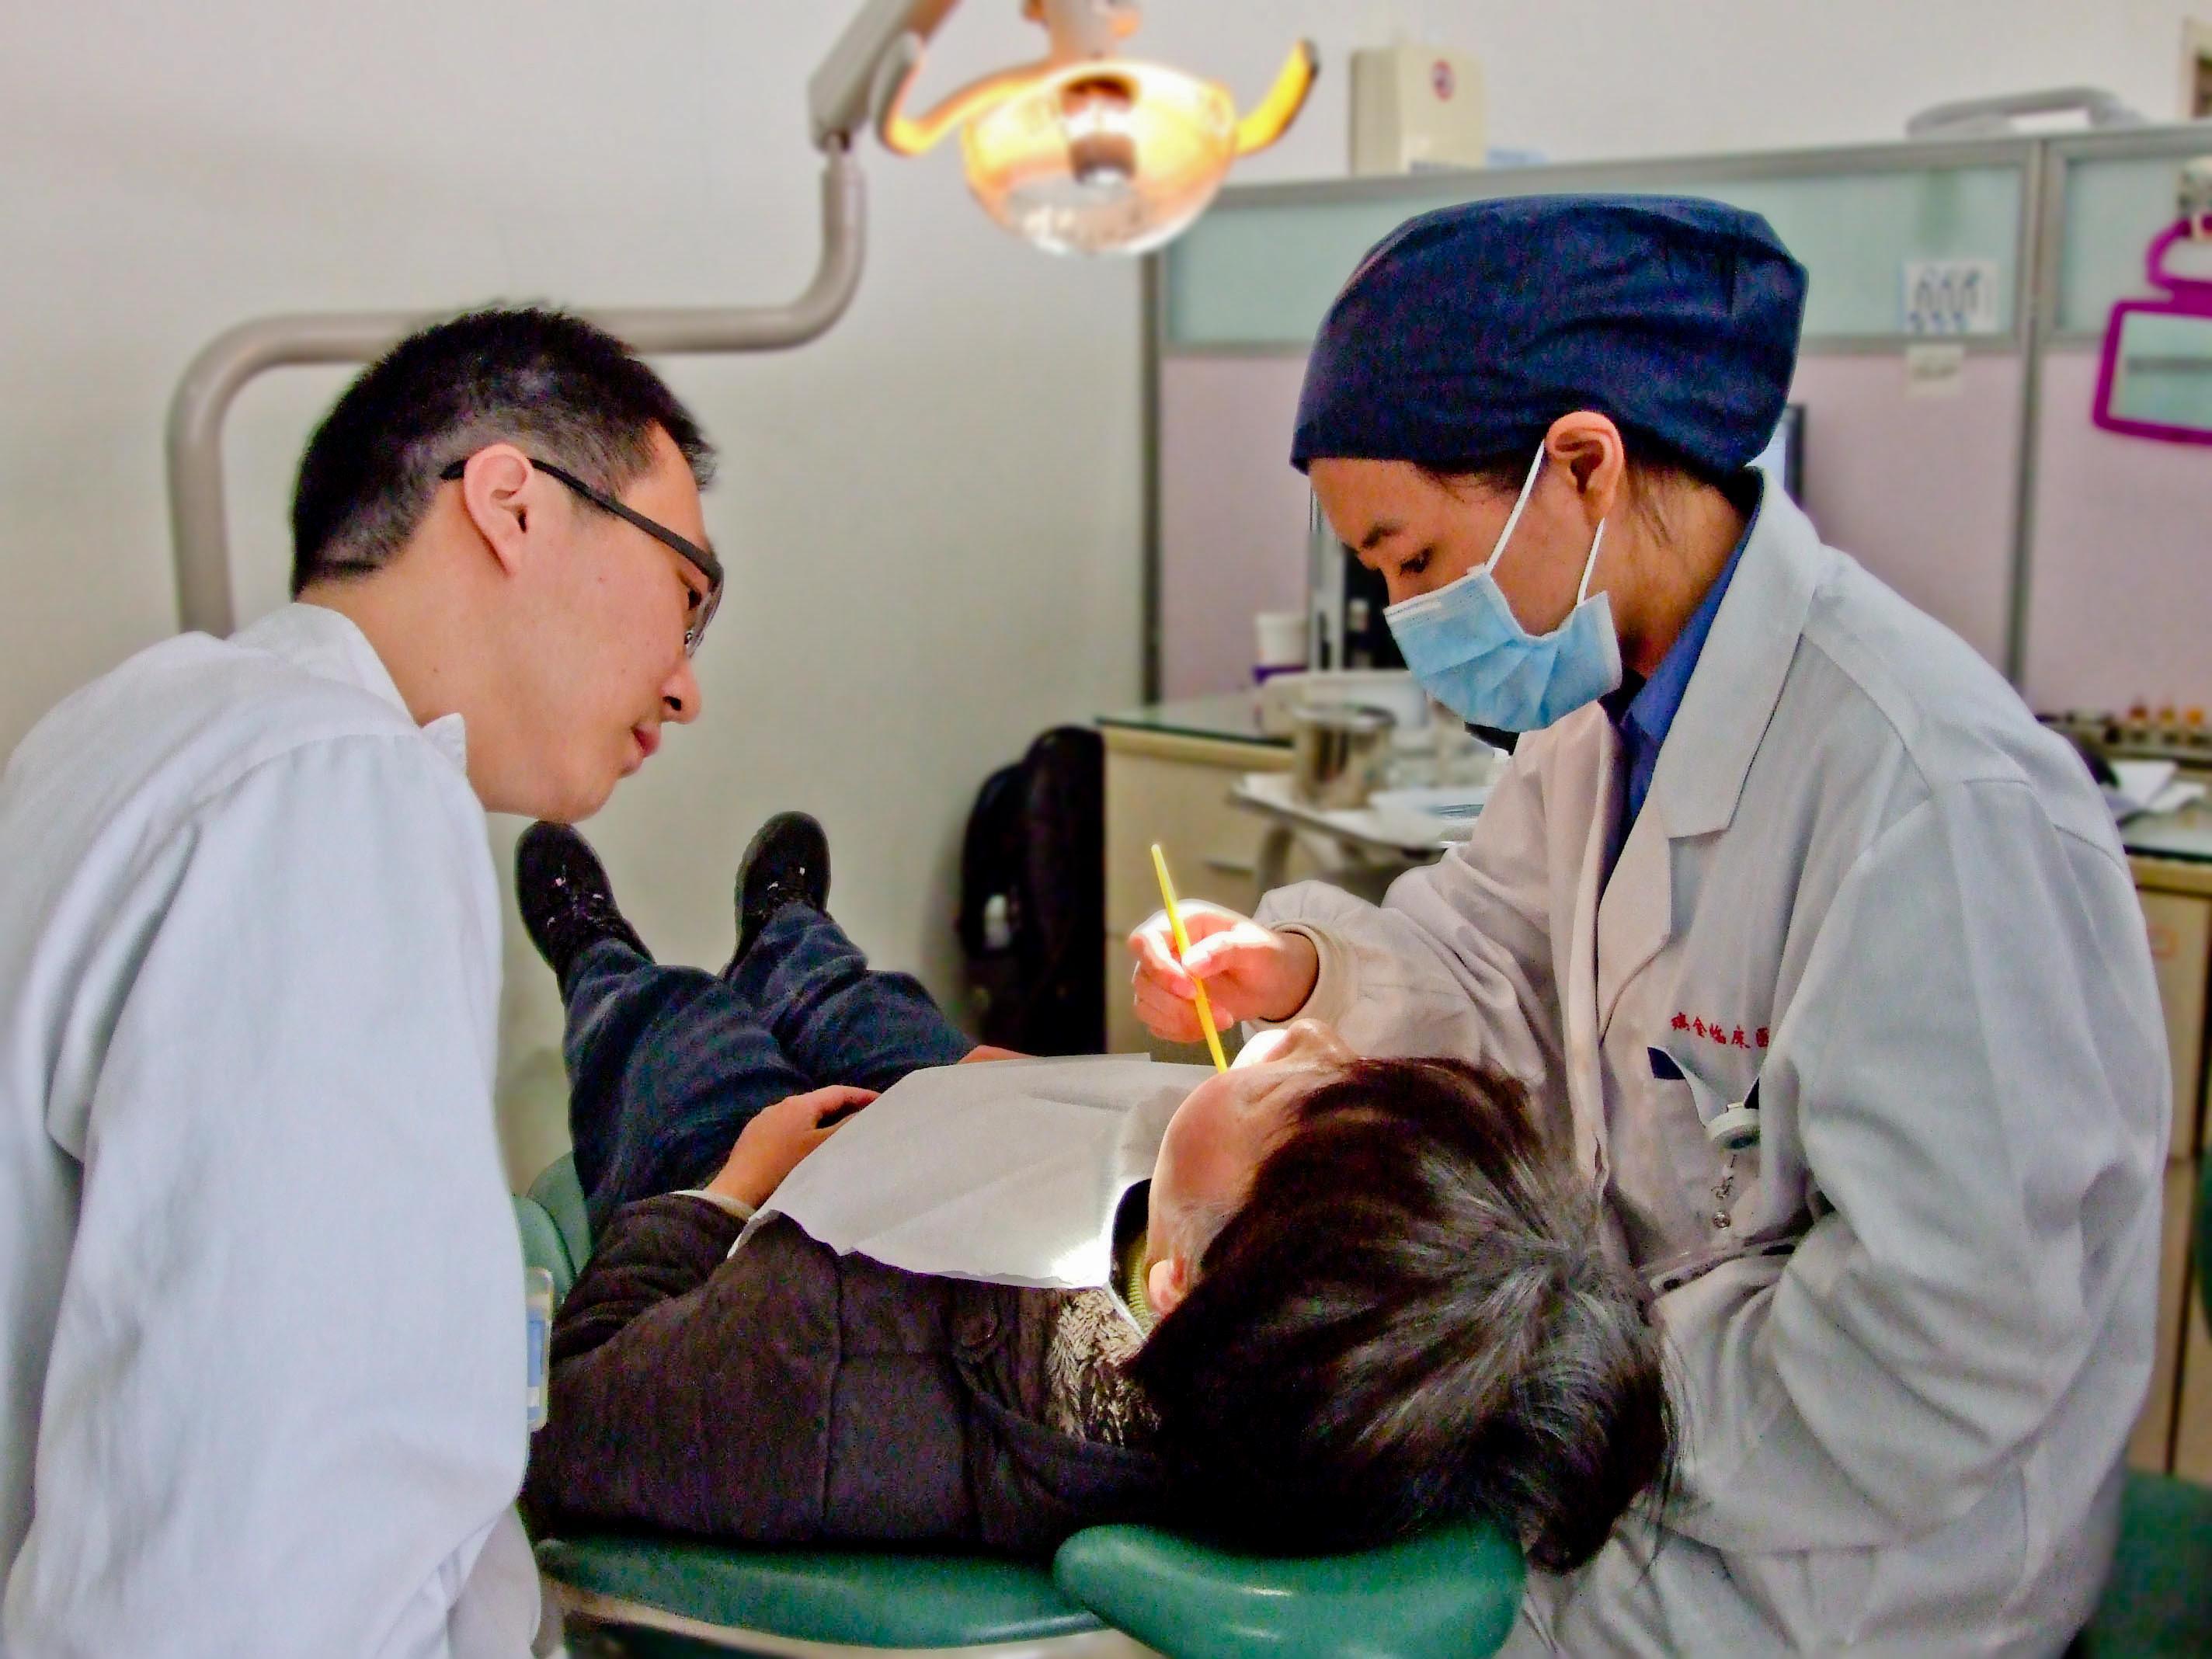 Internos médicos examinando a un niño durante un taller de odontología.